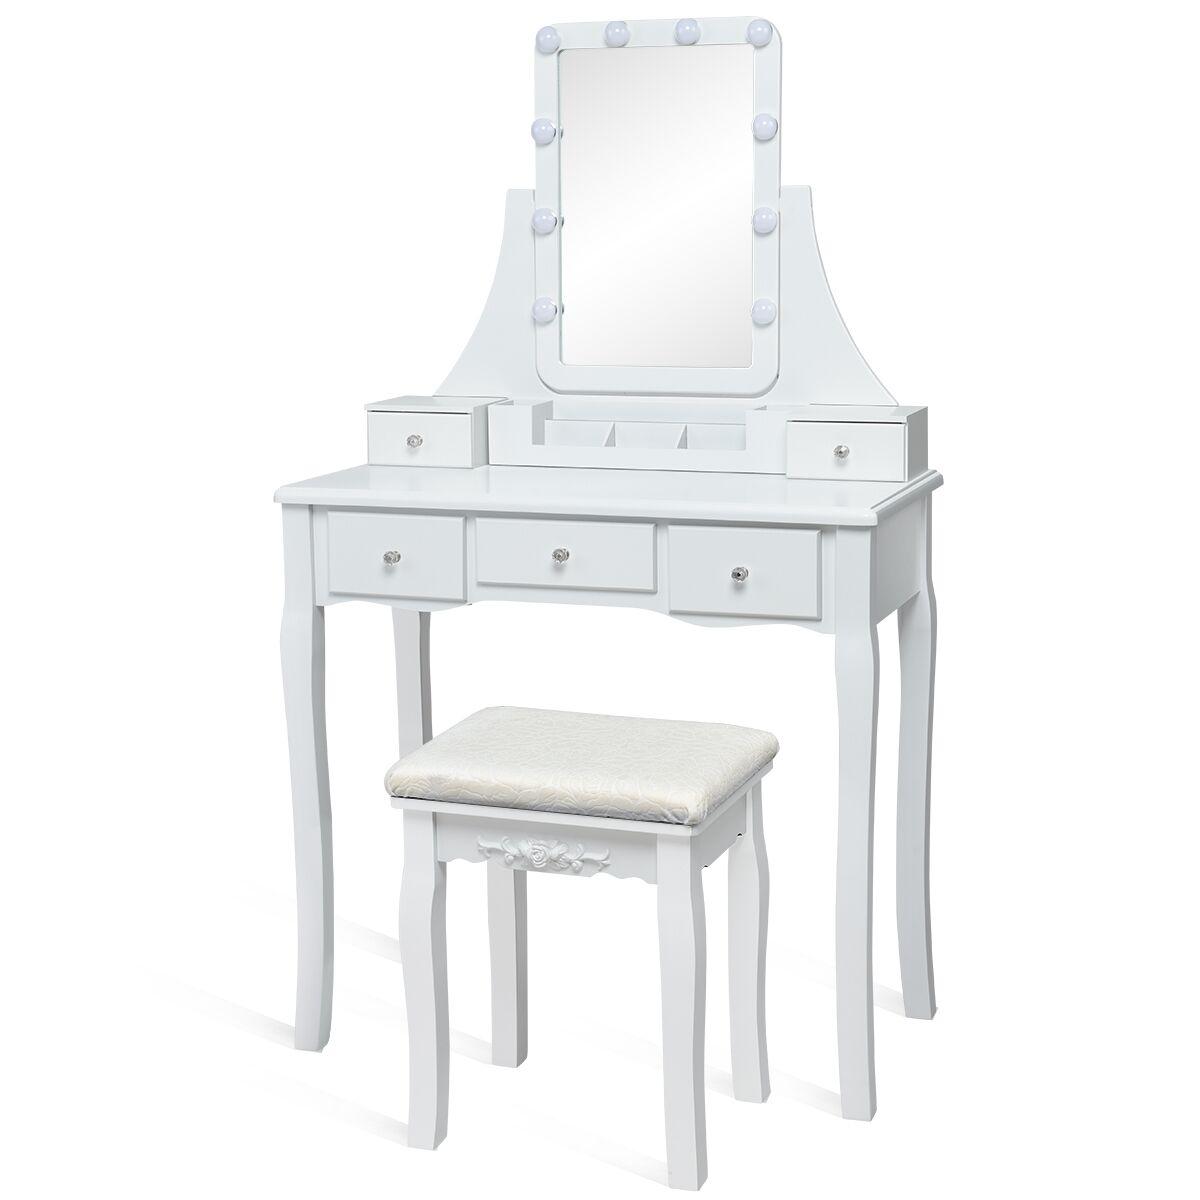 Costway Coiffeuse Table de Maquillage avec et 10 Lampes Miroir Pivotant à 360° 5 Tiroirs en Bois de Pin avec Tabouret Blanc